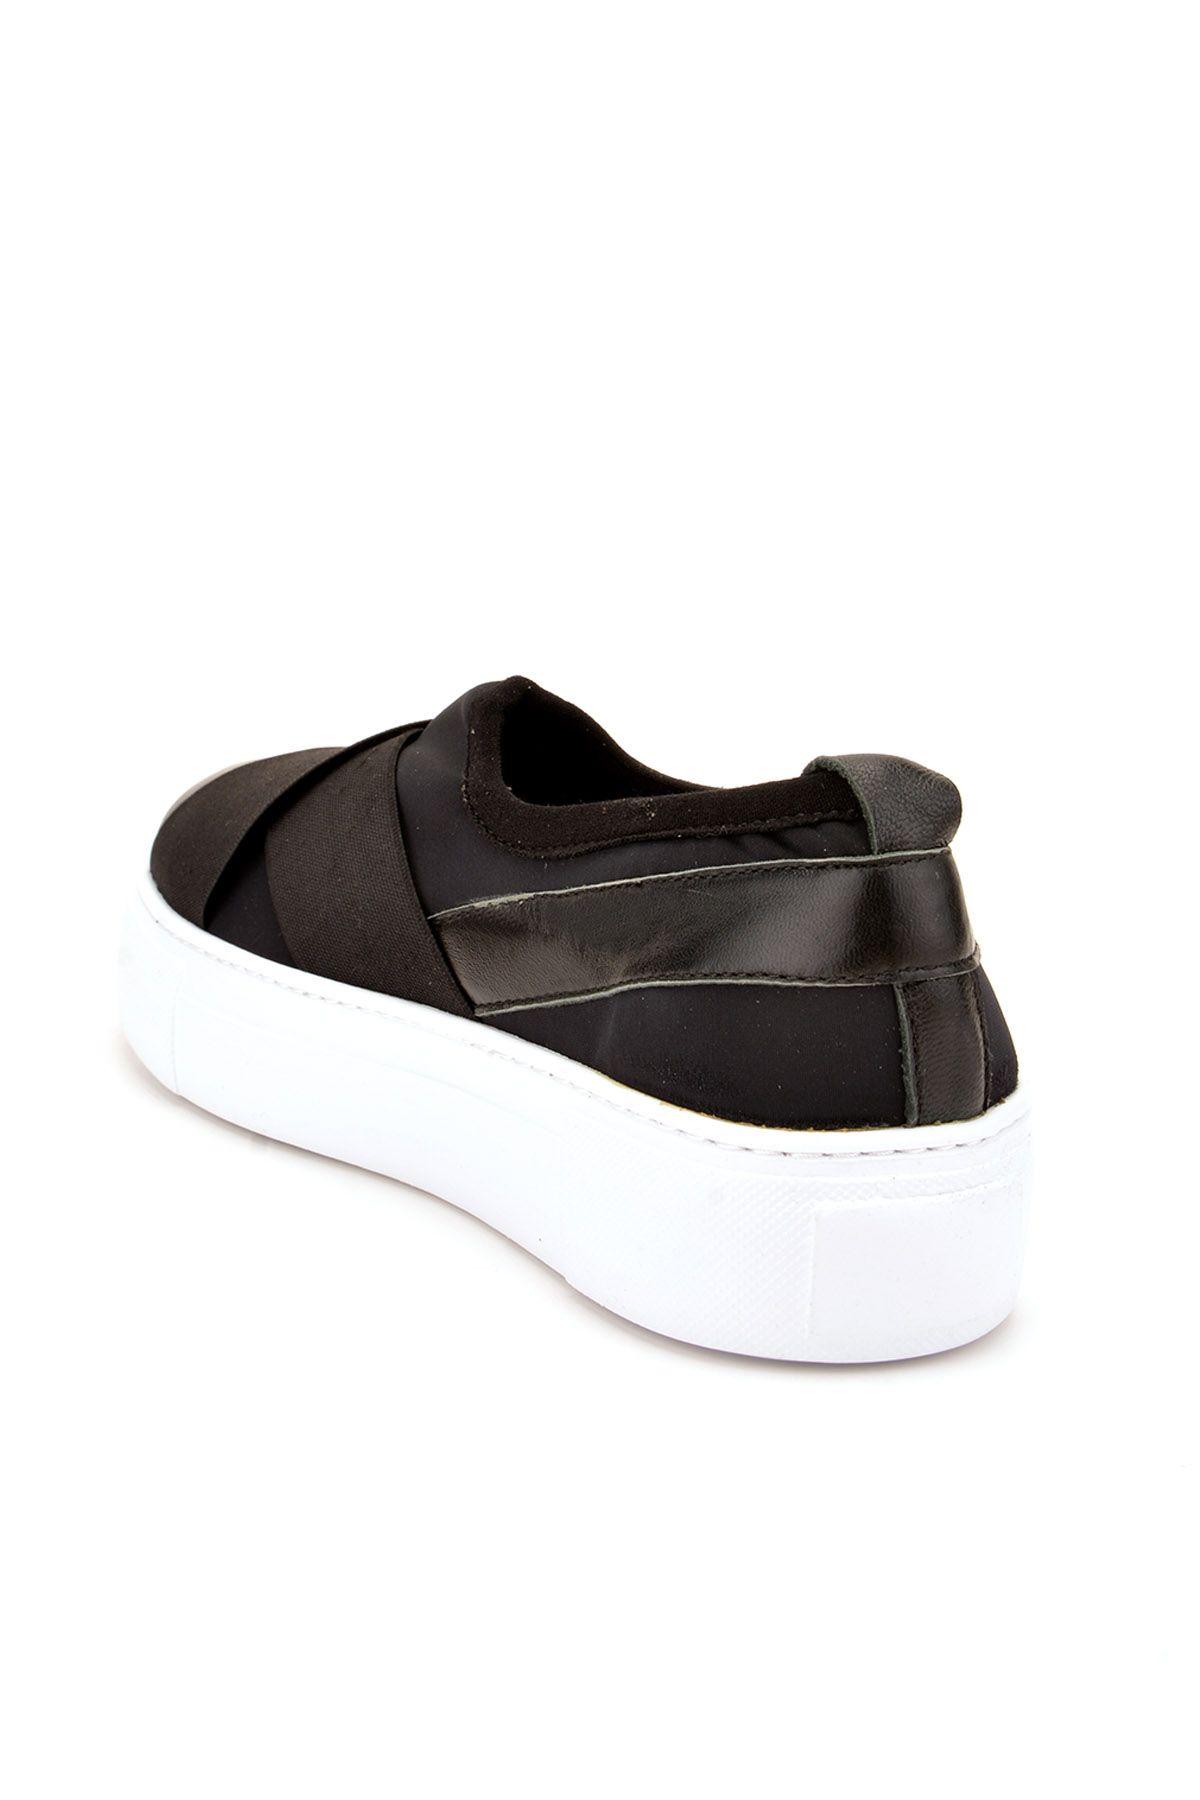 Pegia Voyage Hakiki Deri Bayan Günlük Ayakkabı REC-011 Siyah